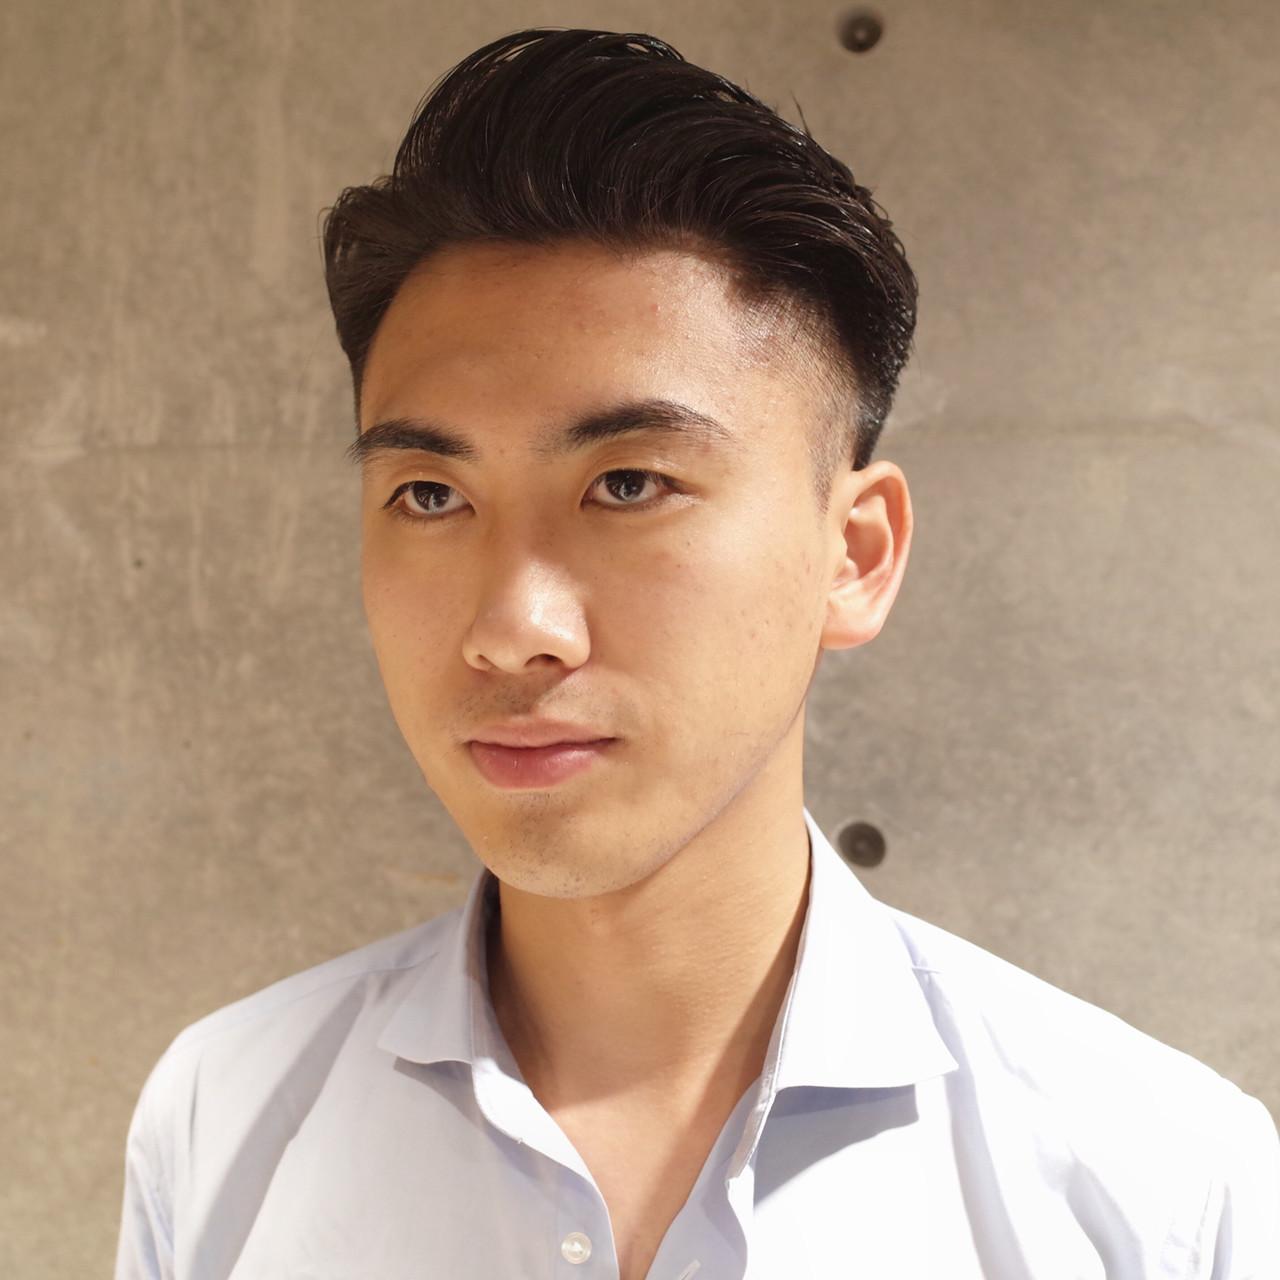 コンサバ ツーブロック メンズヘア メンズ ヘアスタイルや髪型の写真・画像